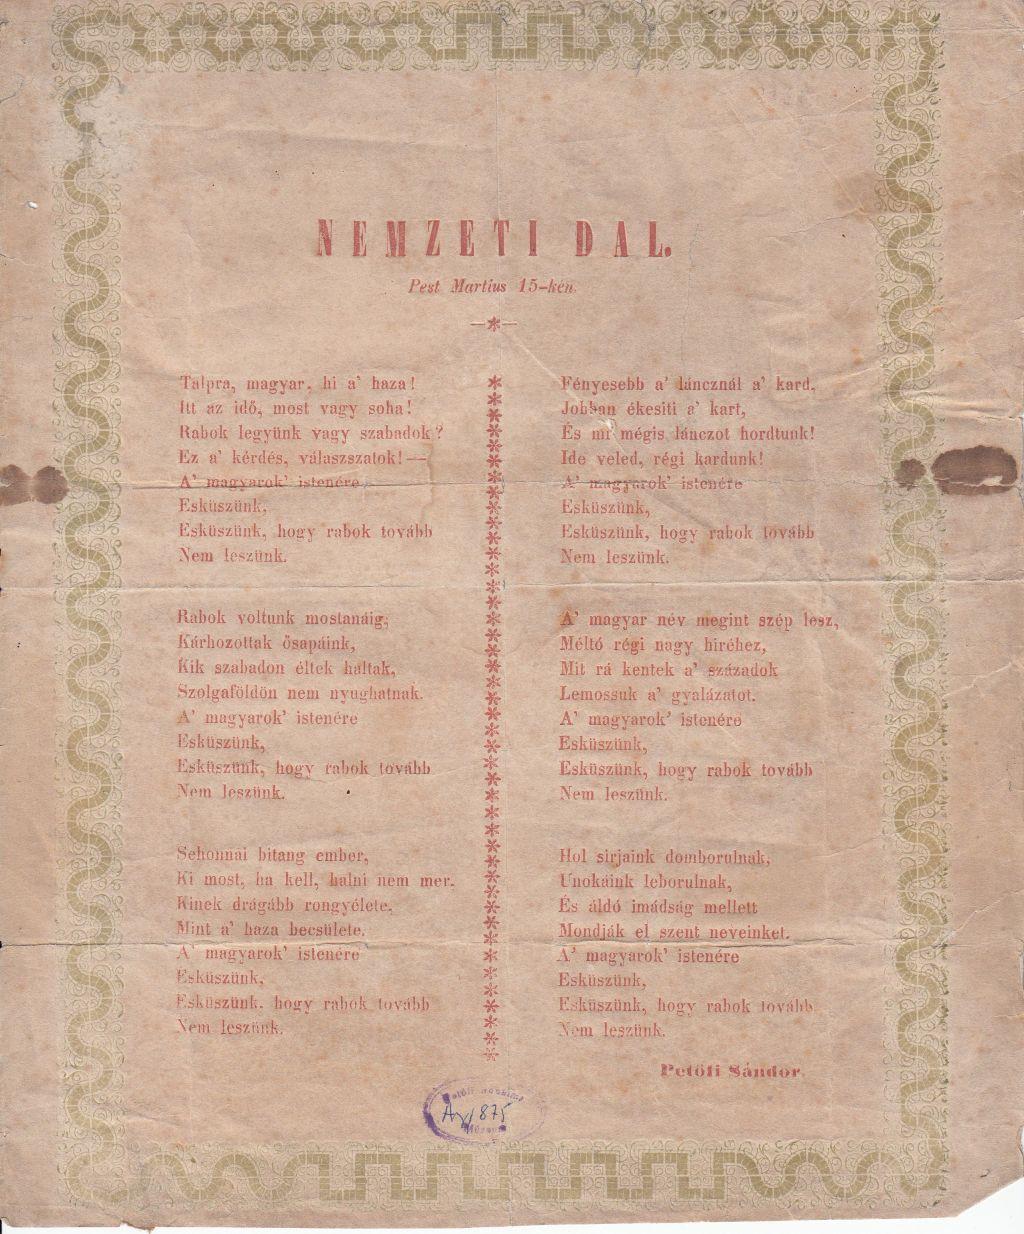 A Nemzeti dal ritka, kolozsvári kiadása 1848-ból   Petőfi